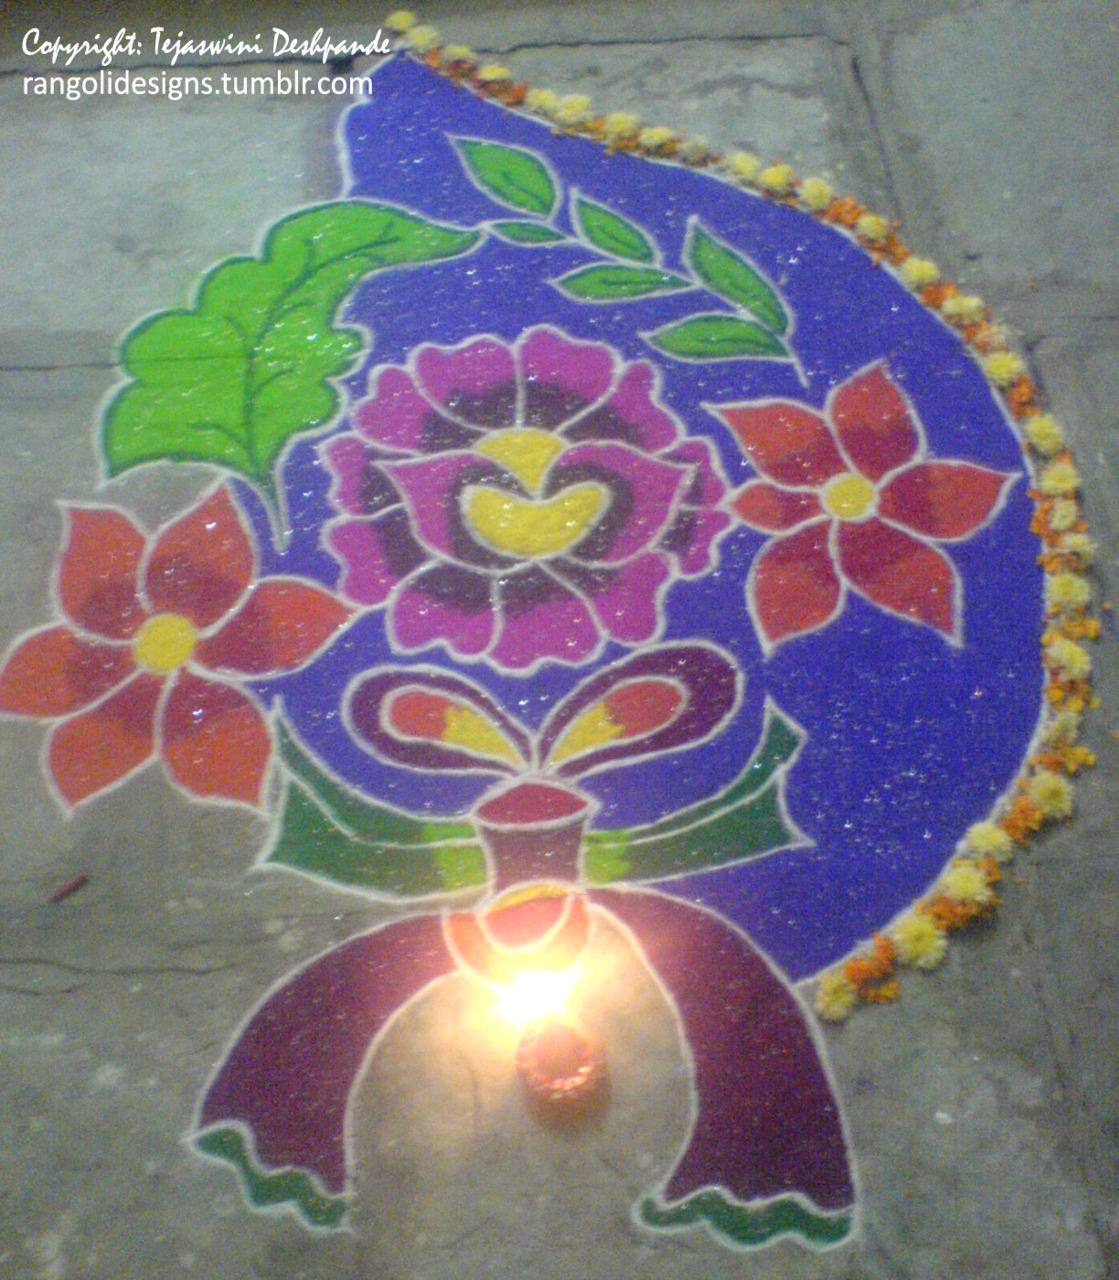 Rangoli Our Culture Through Designs 2011